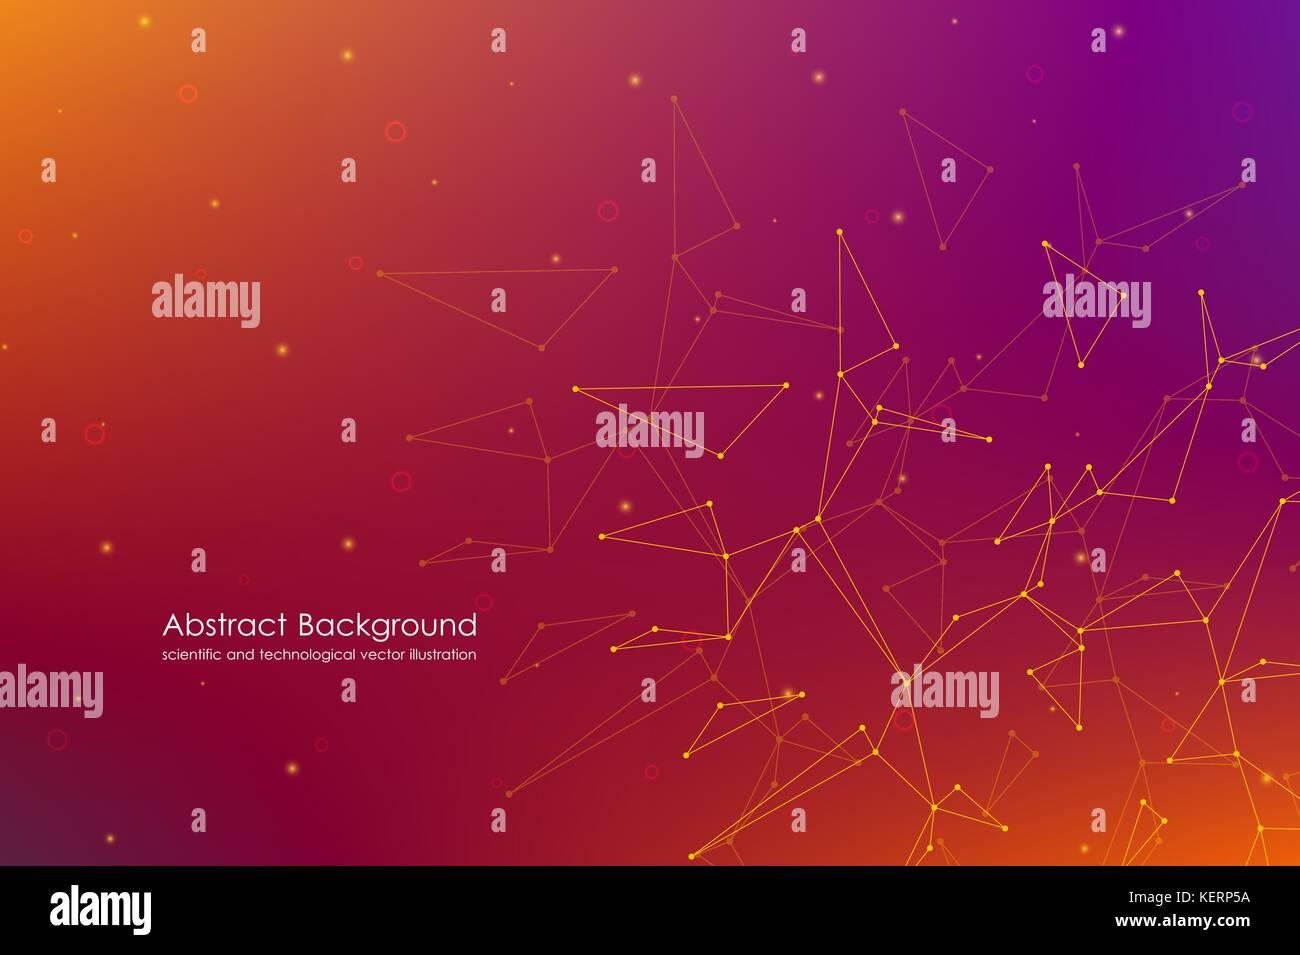 Resumen Antecedentes futurista con puntos y líneas, partículas moleculares y átomos, poligonales Imagen De Stock